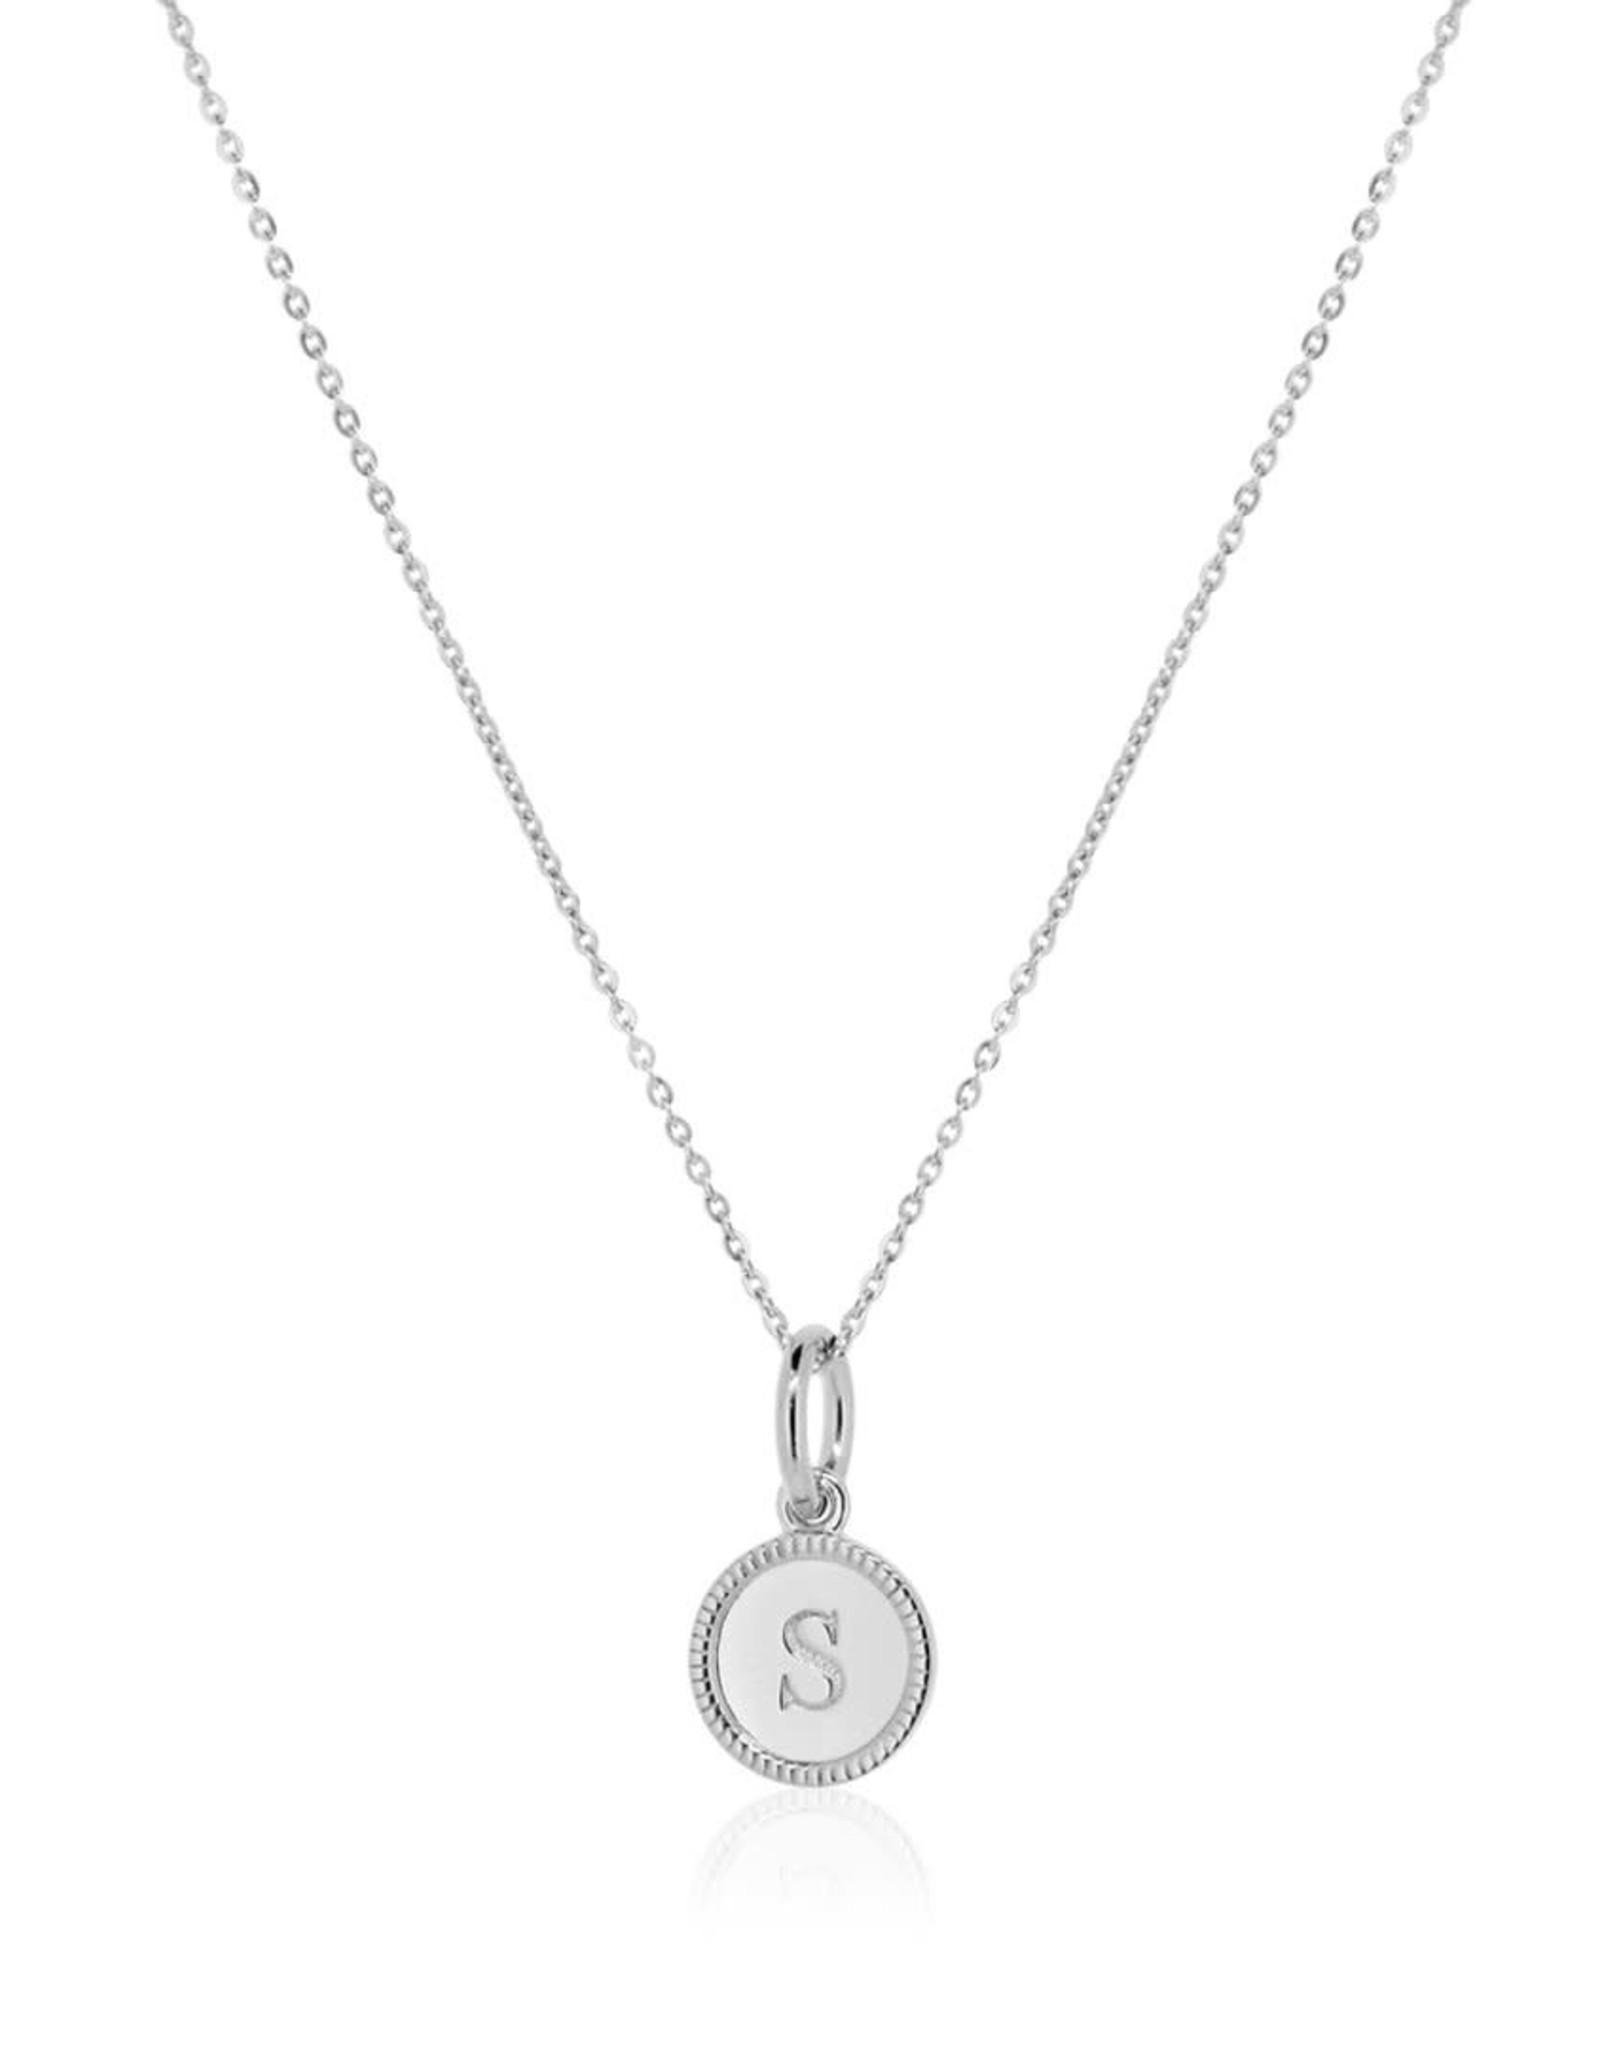 Linda Tahija Initial Pendant, Silver